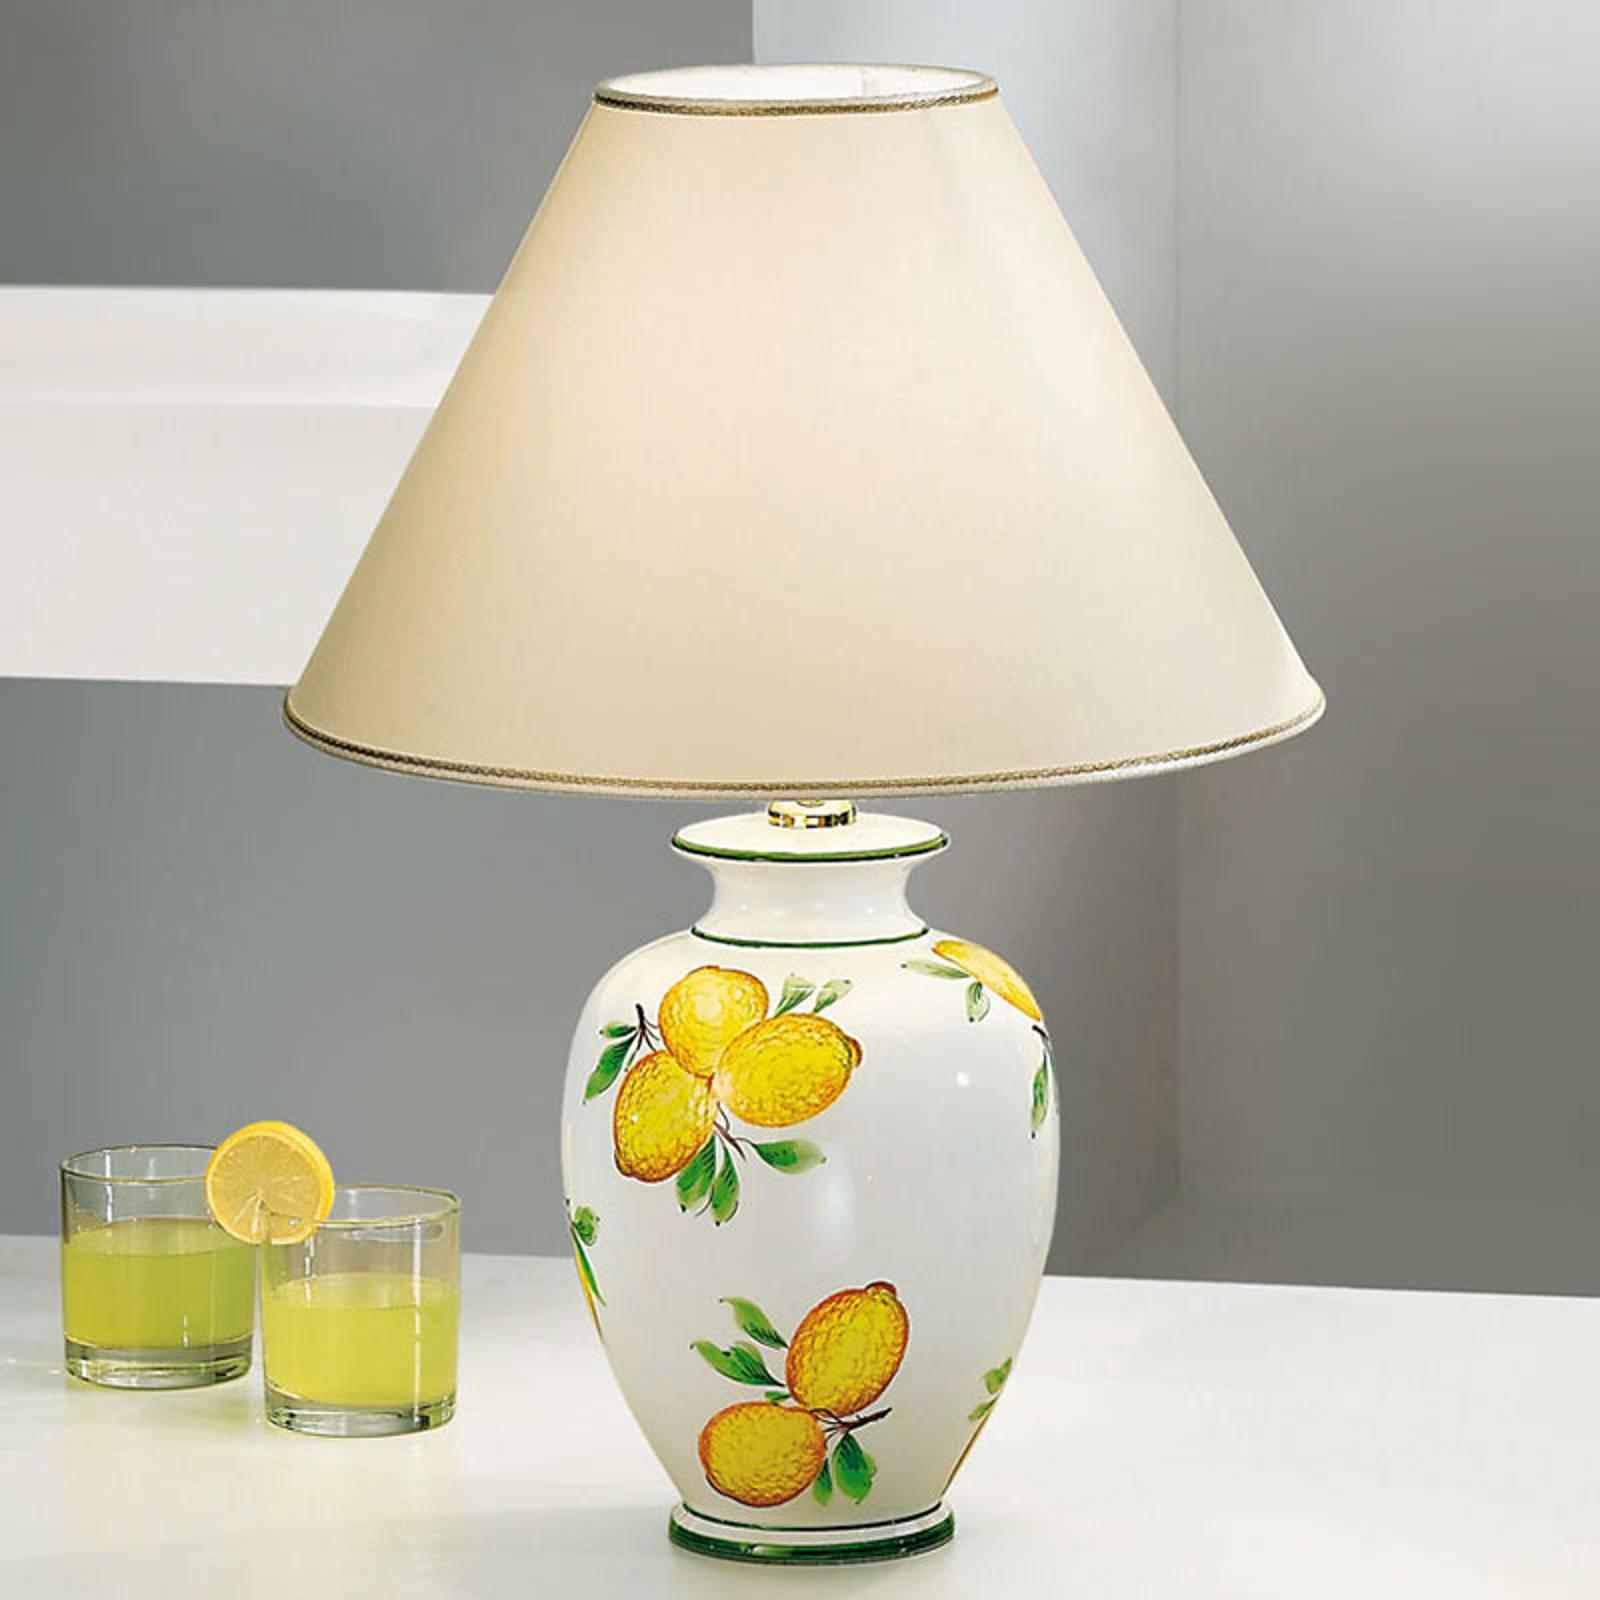 Tafellamp Giardino Lemone, Ø 40 cm